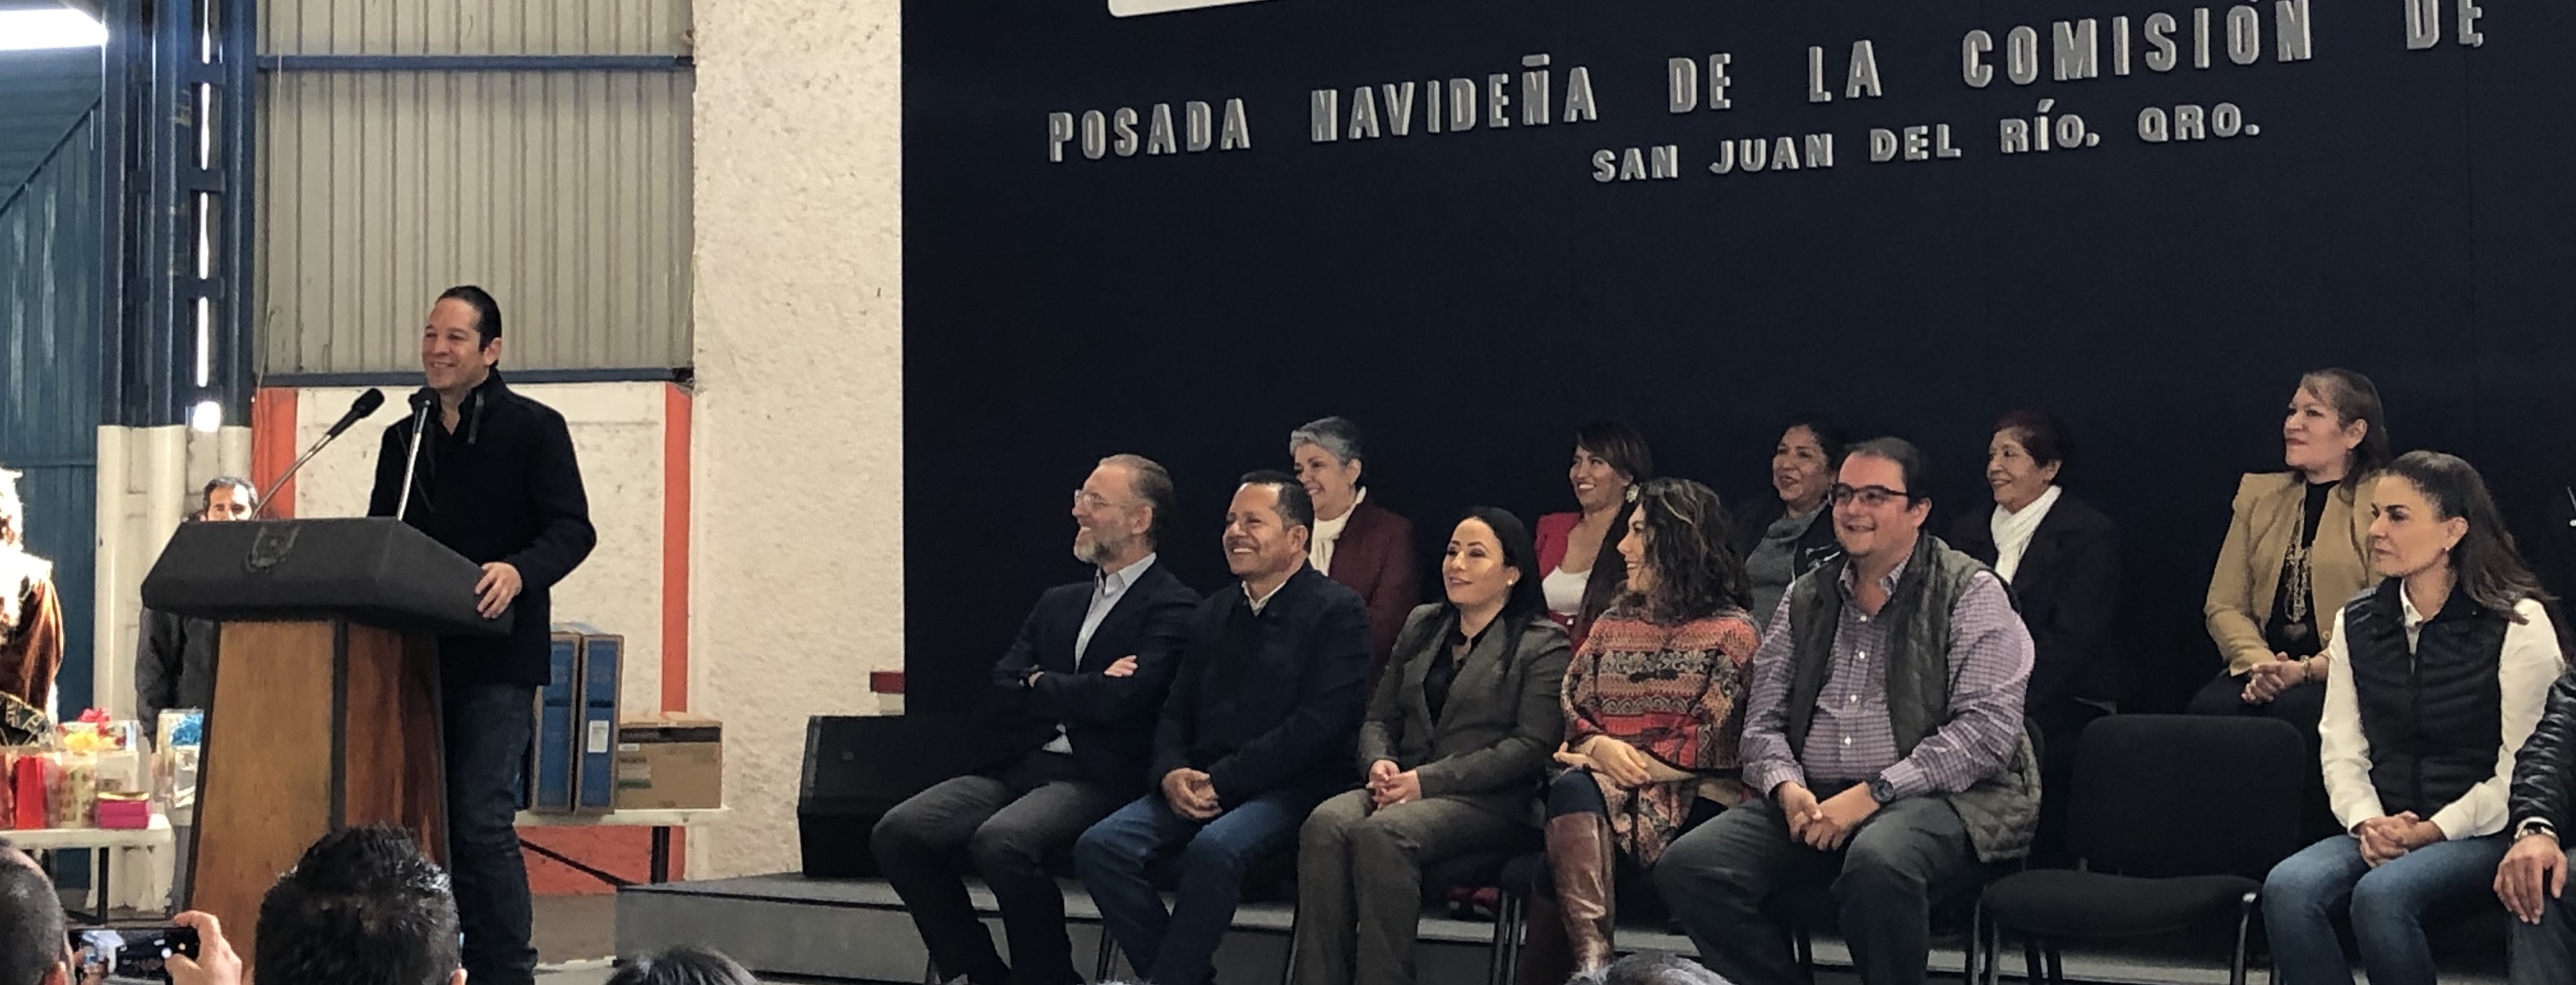 FDS anuncia apoyos para obras sociales y mujeres en San Juan del Río